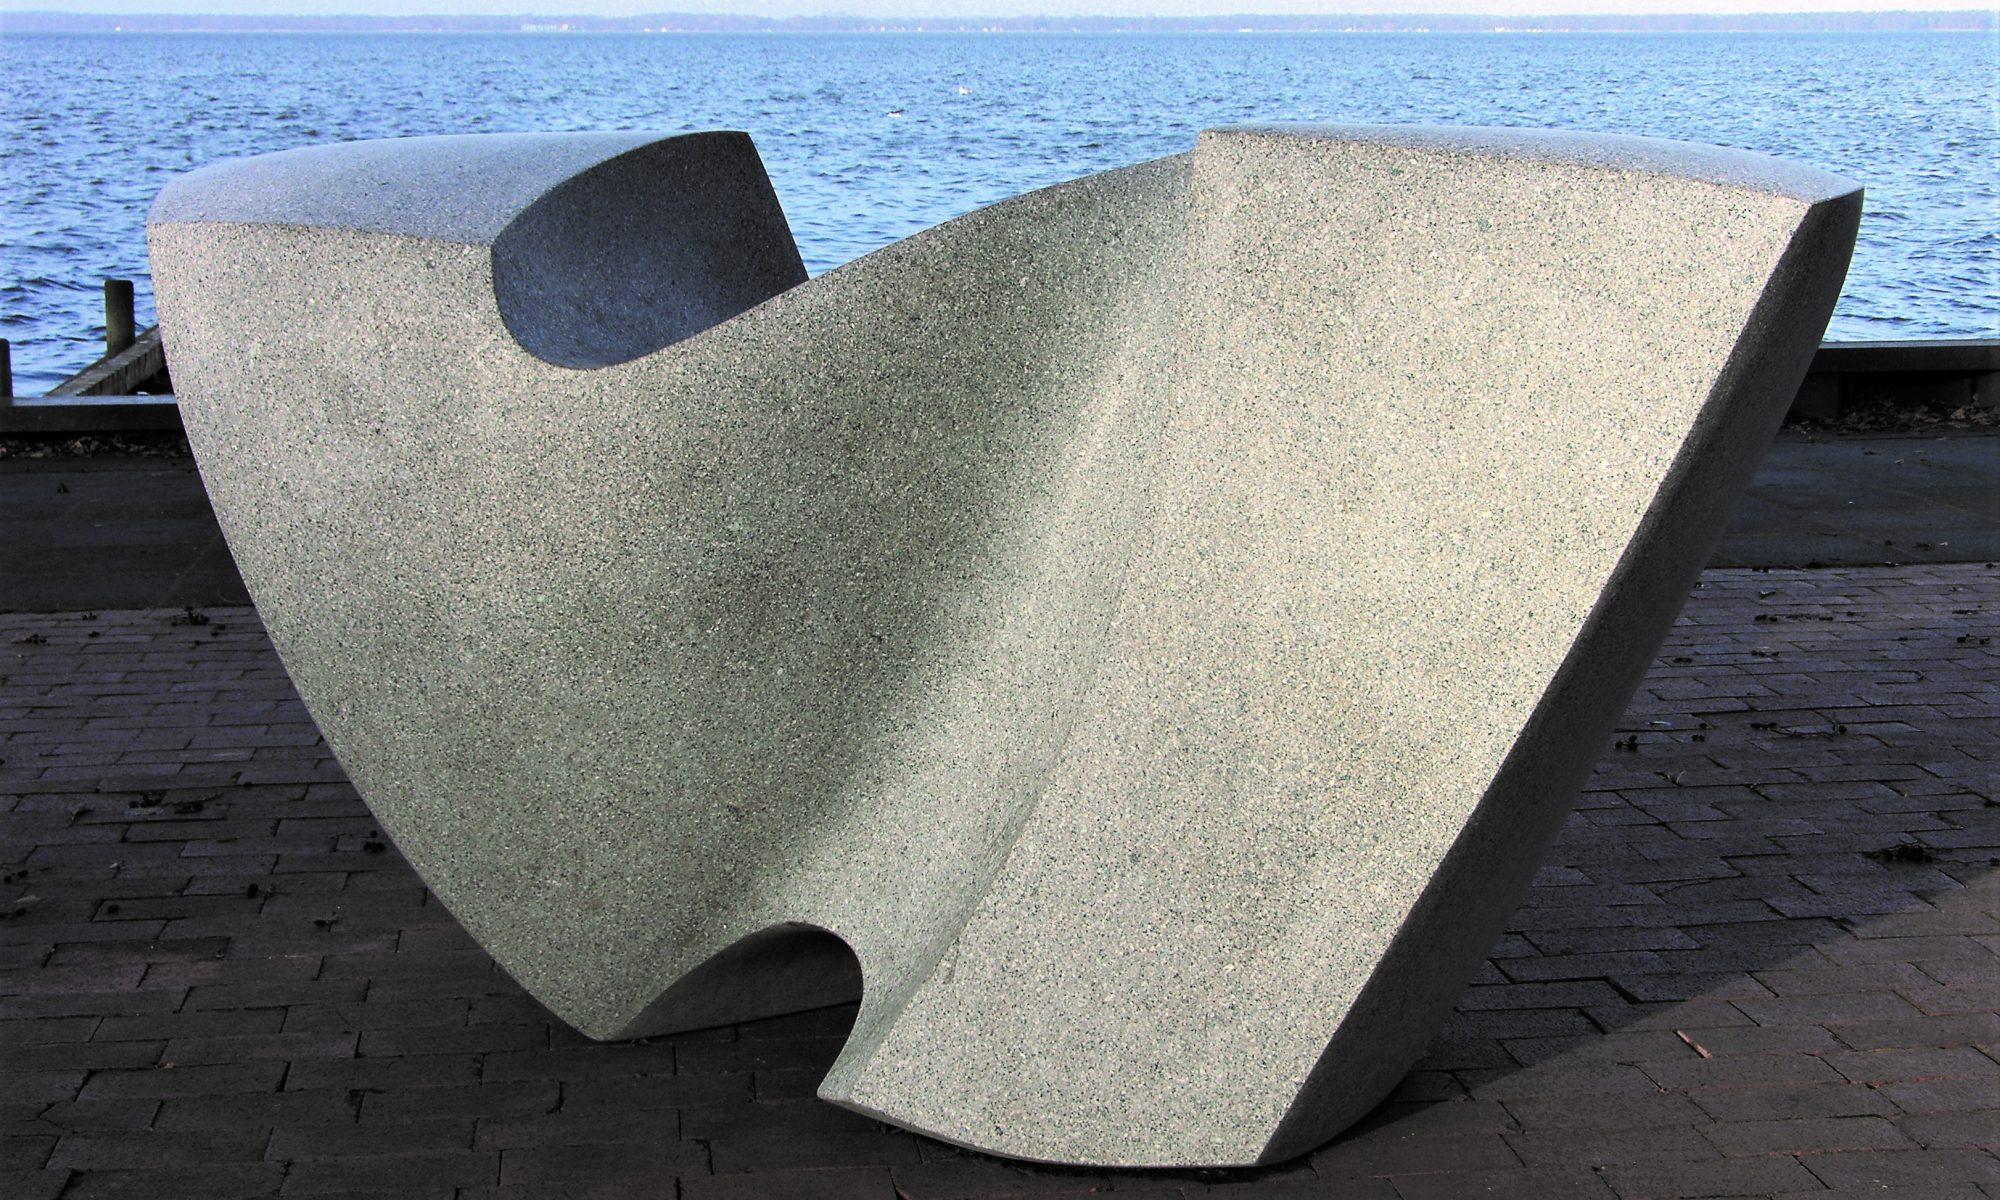 Skulptur Werner Sauer